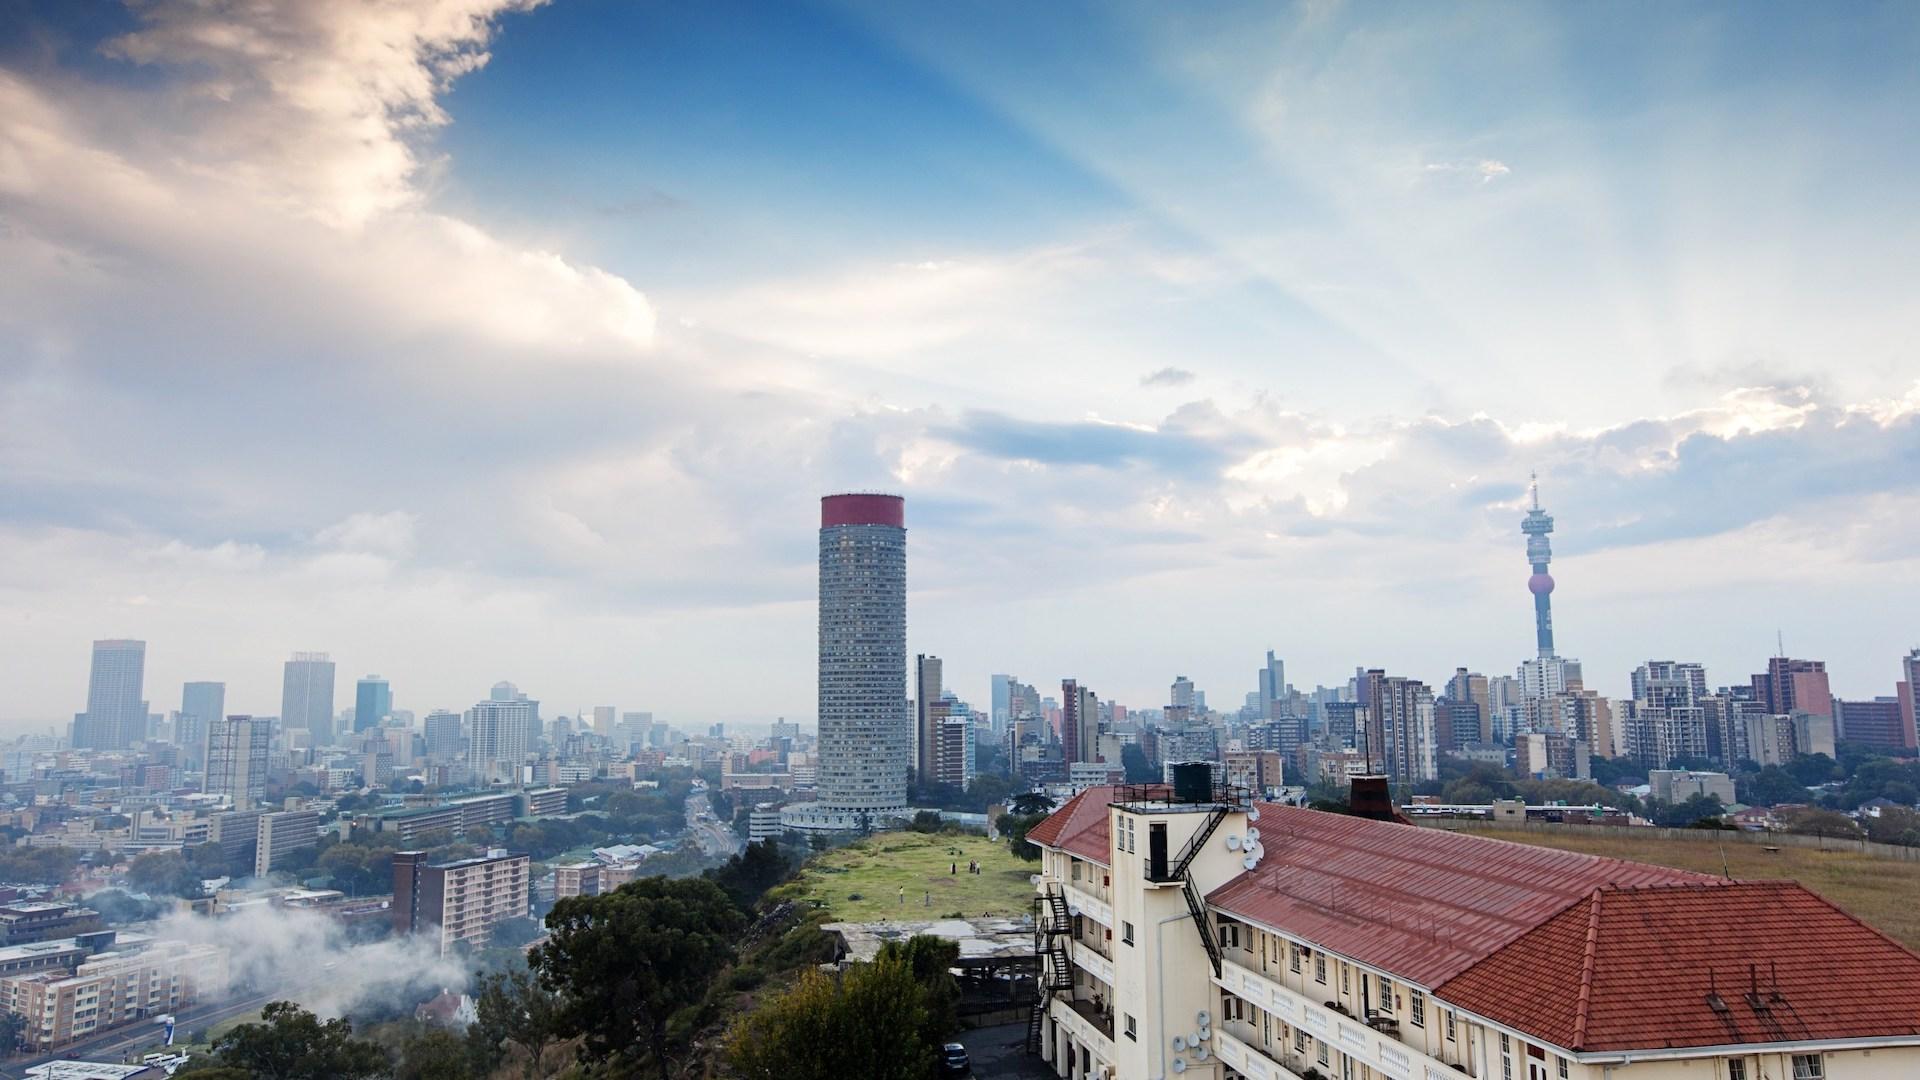 ¿Qué medidas de seguridad tener en cuenta al viajar a Johannesburgo?